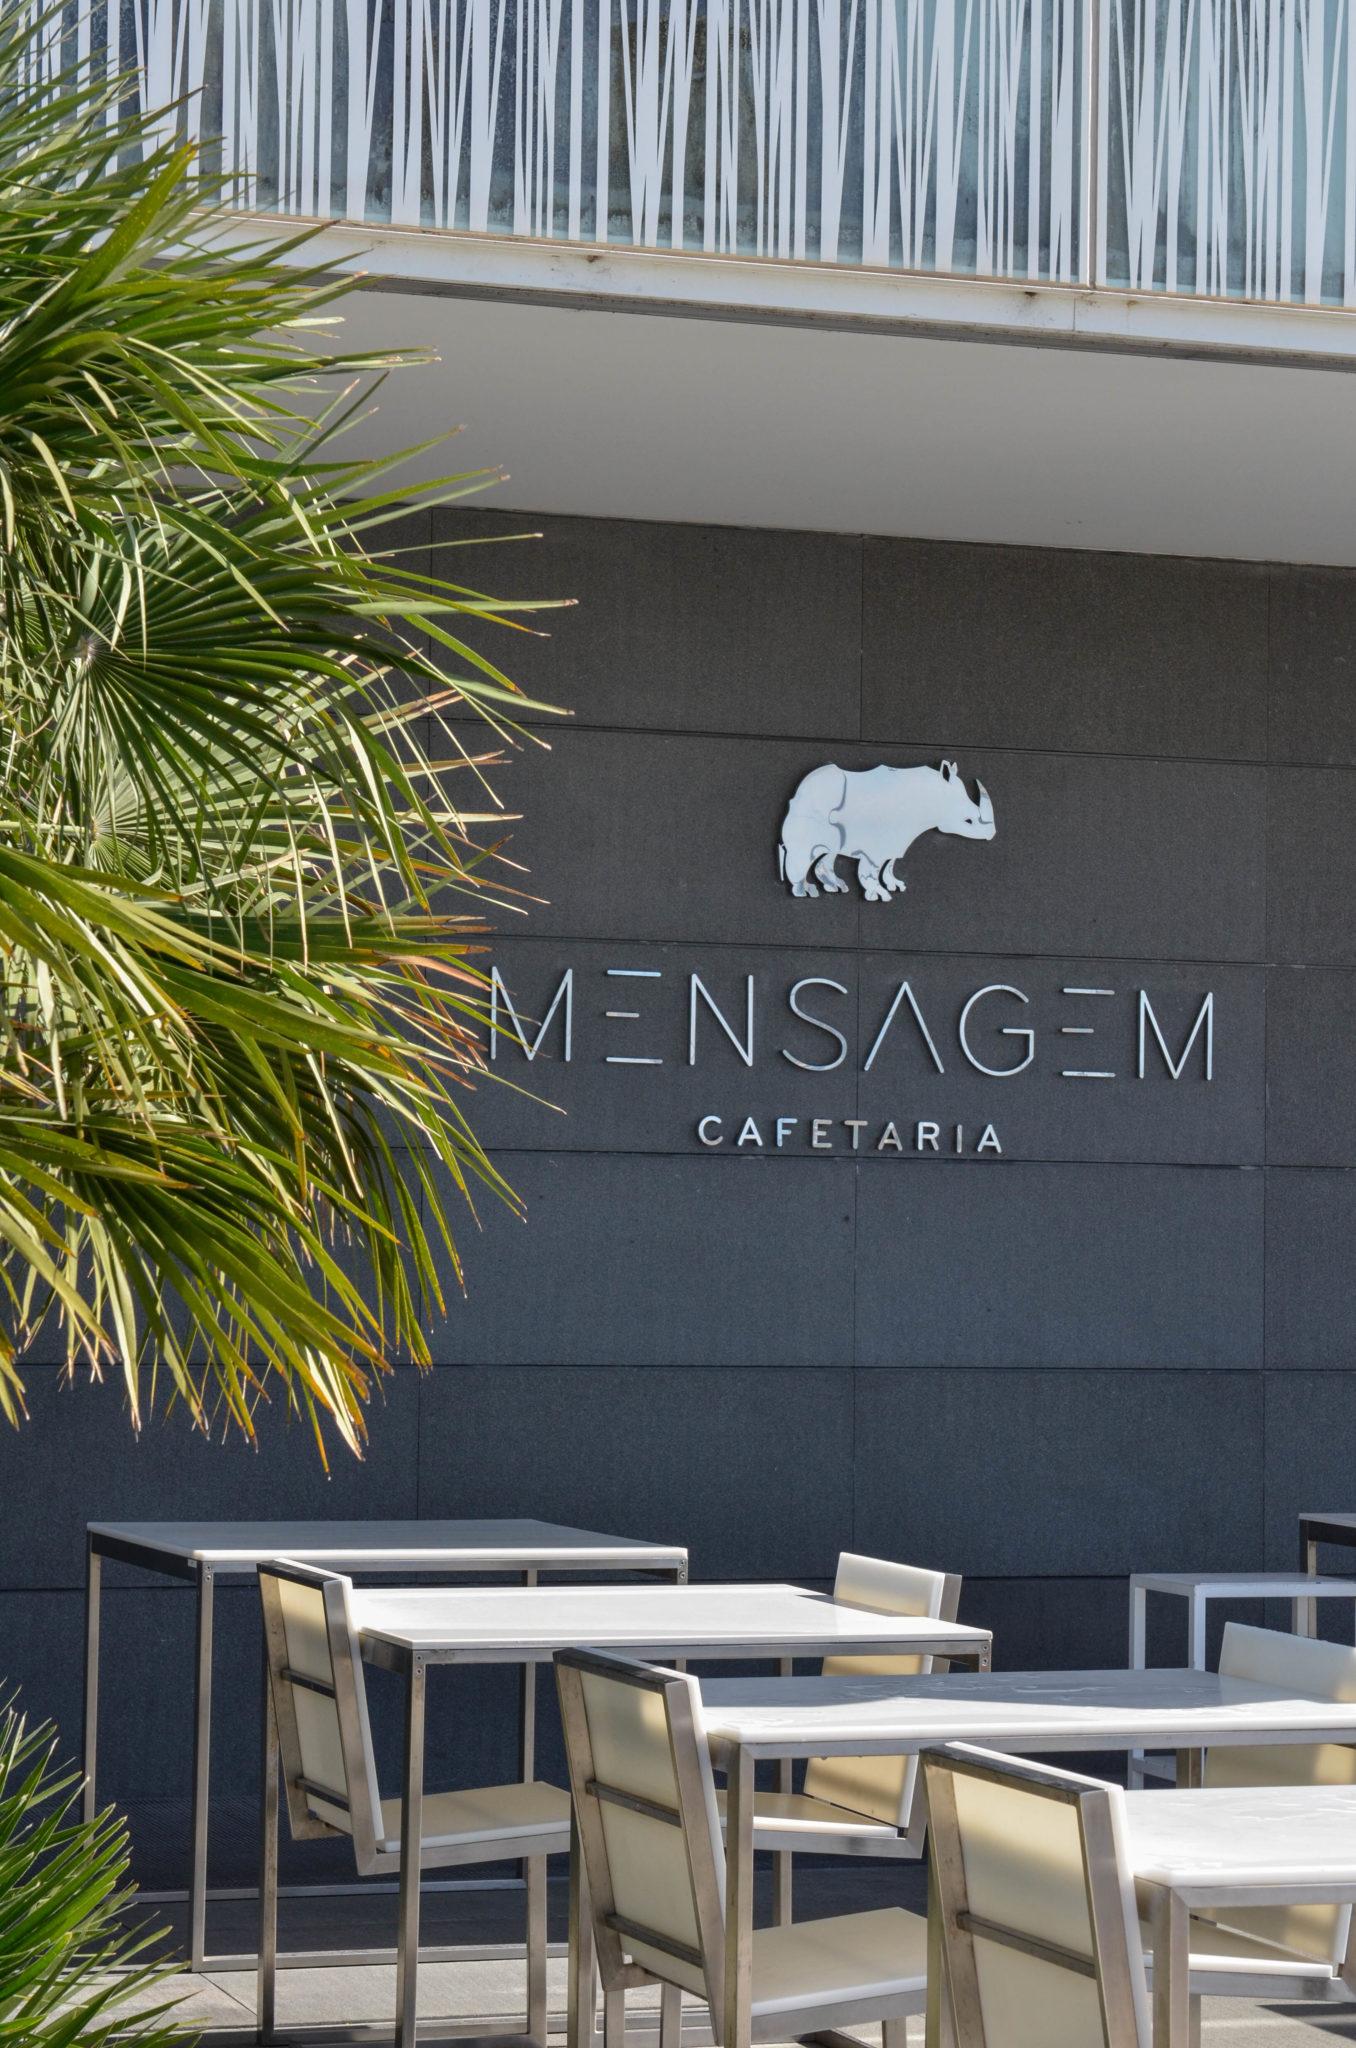 Altis-Belem-Hotel-Lissabon-Review-Mensagem-Restaurant